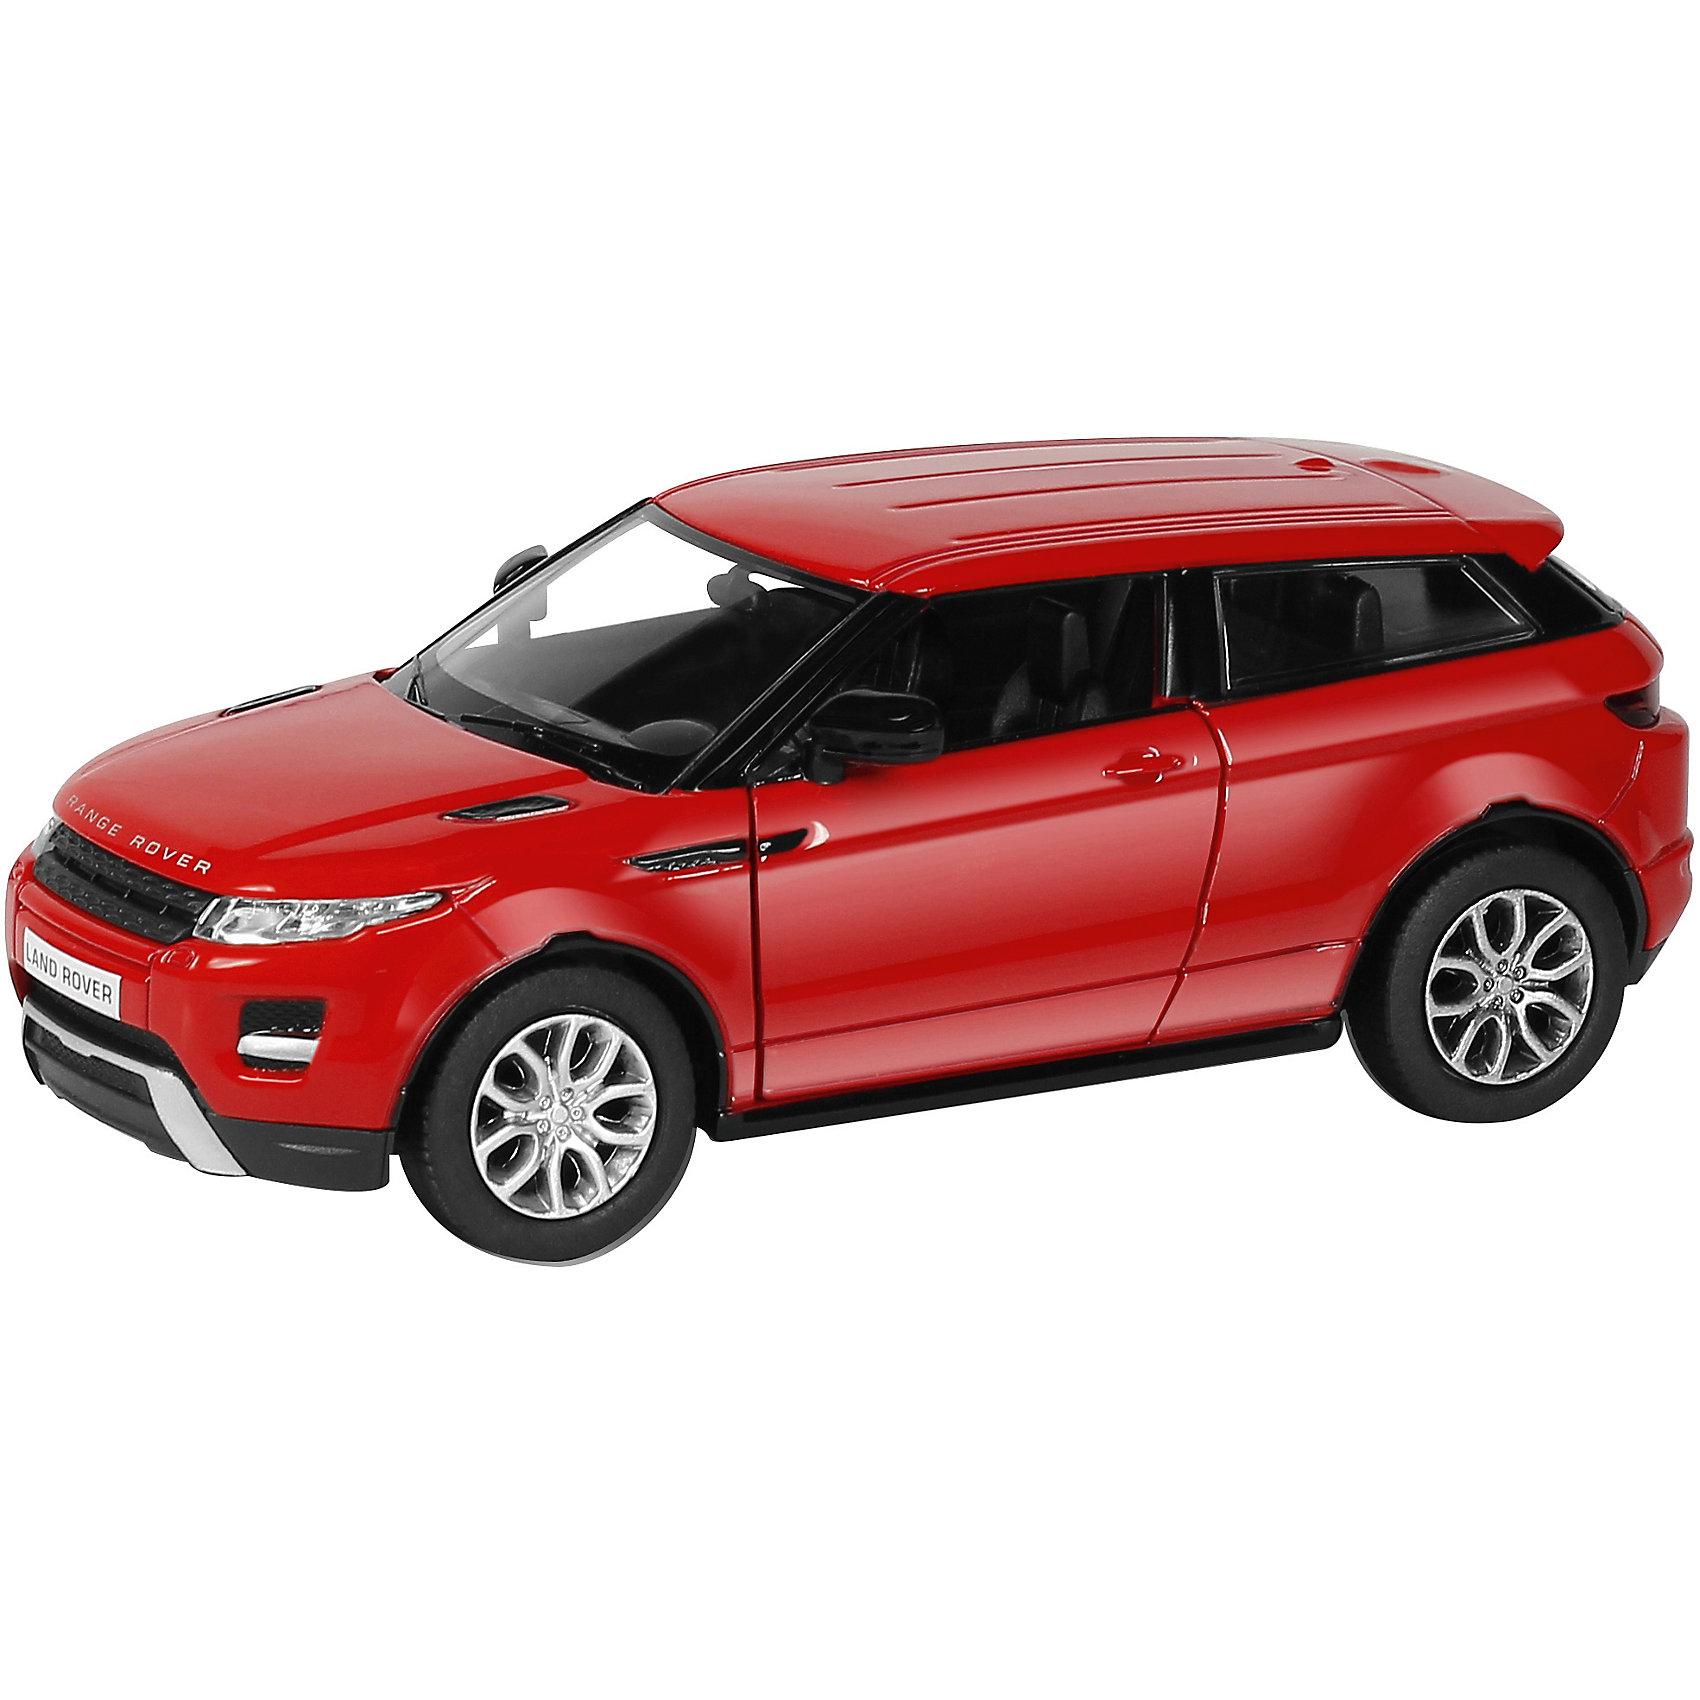 Машинка Range Rover Evoque, KRUTTIНевероятно стильная и красивая модель, выполненная в масштабе 1:36 приведет в восторг любого мальчишку. Машина прекрасно детализирована, очень похожа на настоящую. Колеса свободно вращаются, двери открываются. Игрушка выполнена из высококачественных прочных материалов. Автомобиль займет достойное место в коллекции вашего юного автолюбителя.  <br><br>Дополнительная информация:<br><br>- Масштаб: 1:36.<br>- Материал: металл, пластик, резина. <br>- Размер: 12,5х5,5х4,5 см.<br>- Функции: свободный ход колес, открывающиеся двери.<br><br>Машинку Range Rover Evoque, KRUTTI (Крутти), можно купить в нашем магазине.<br><br>Ширина мм: 170<br>Глубина мм: 80<br>Высота мм: 70<br>Вес г: 236<br>Возраст от месяцев: 36<br>Возраст до месяцев: 168<br>Пол: Мужской<br>Возраст: Детский<br>SKU: 4304452